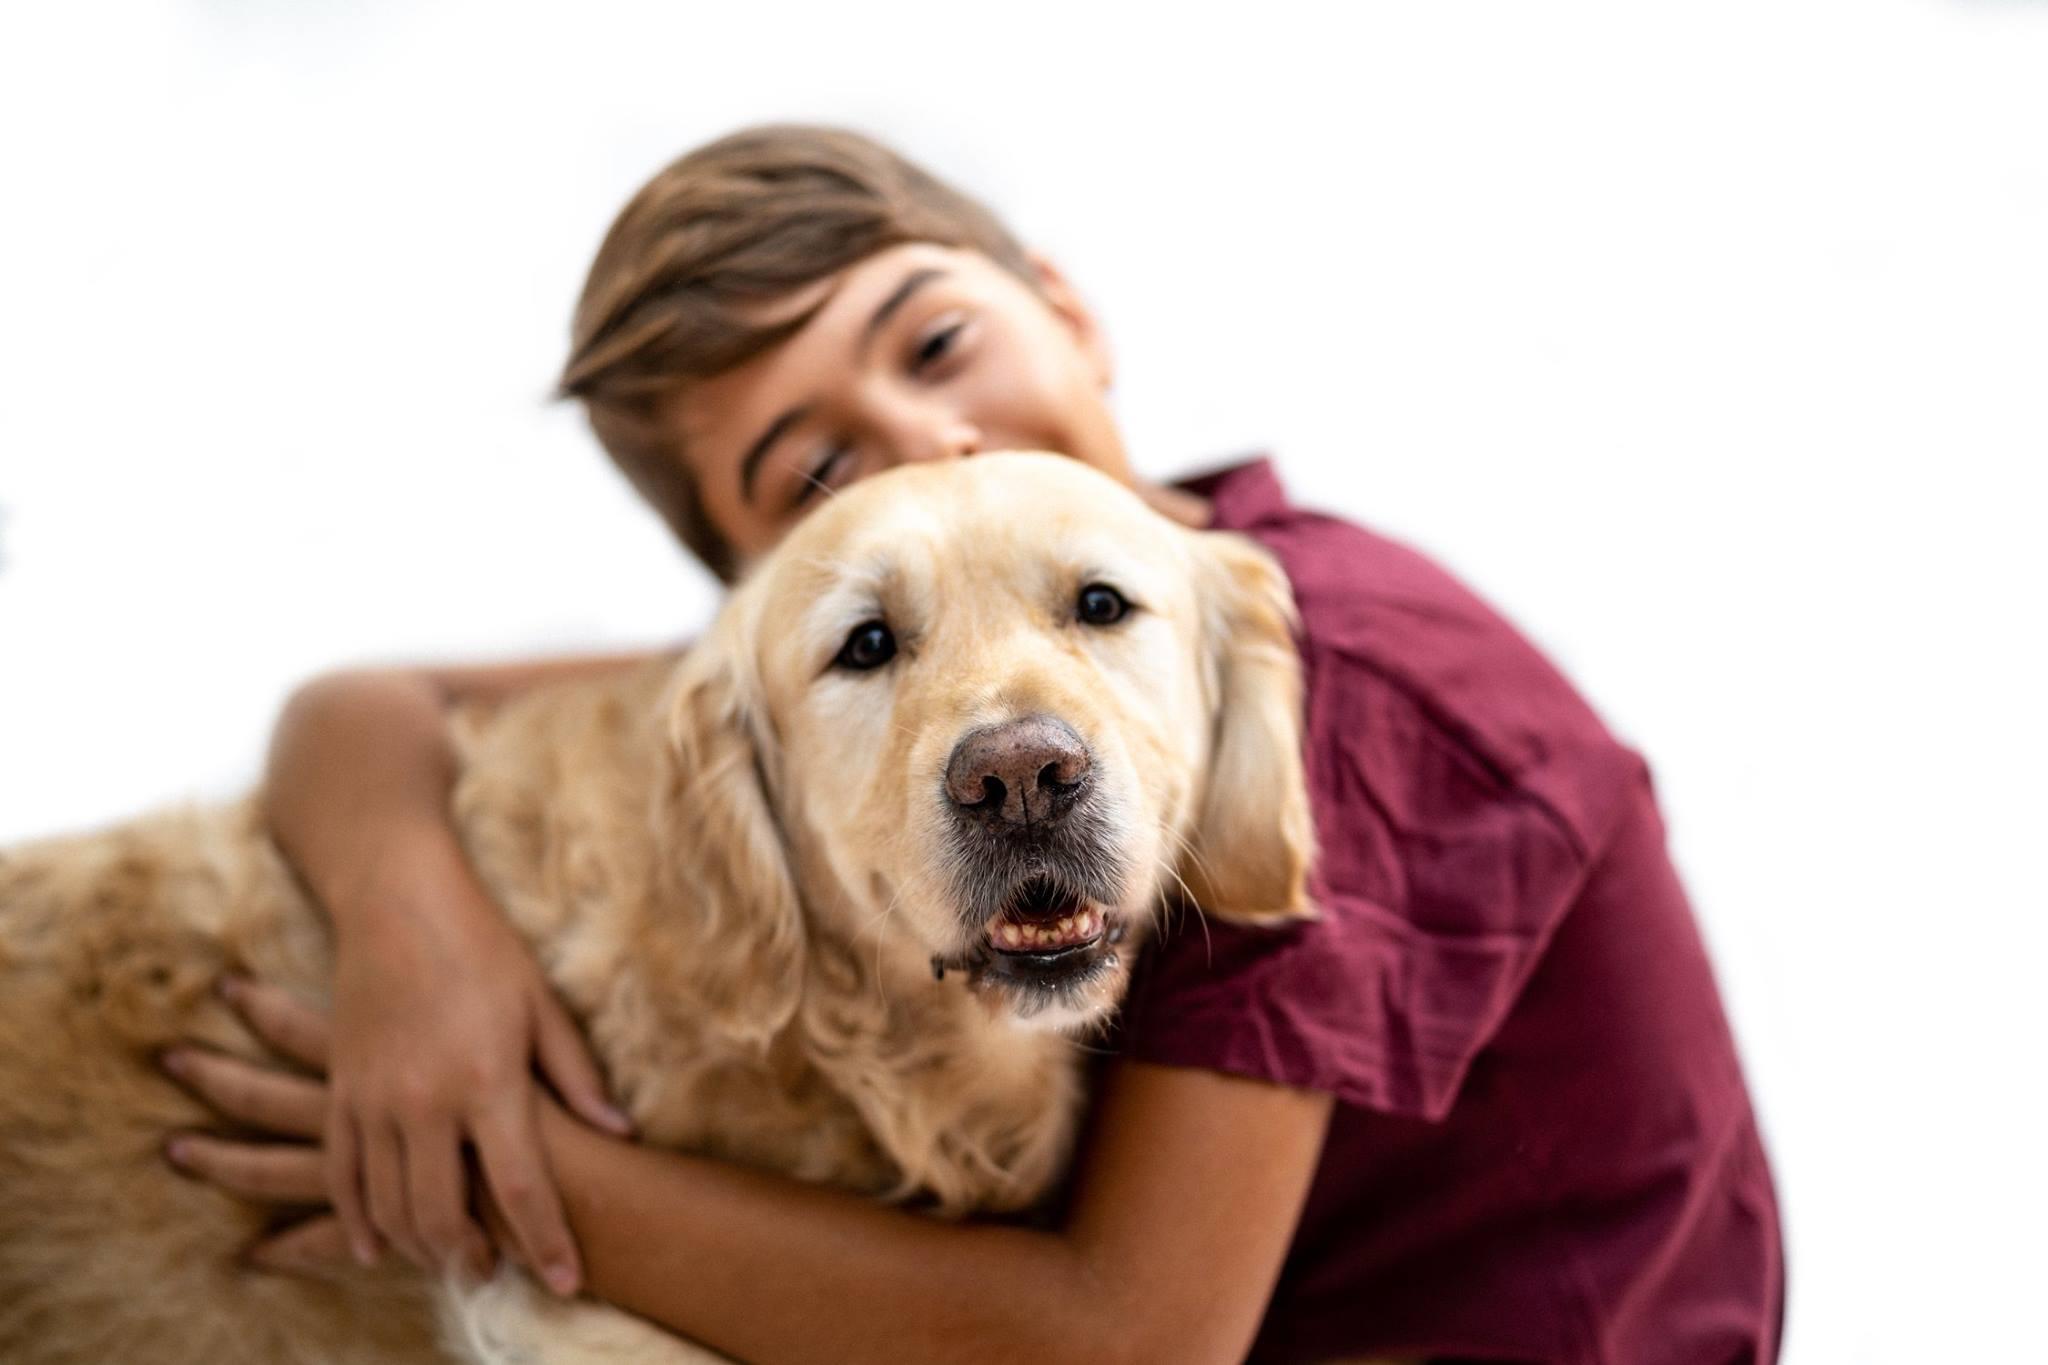 Zenit perro terapeuta